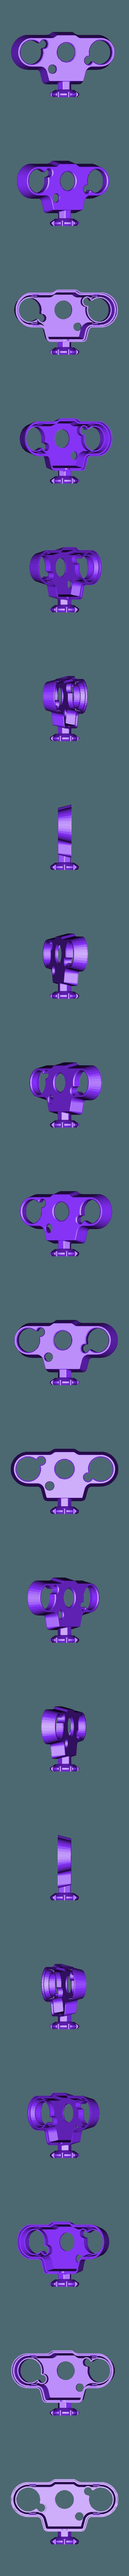 Raspi-Cam_Waveshare_Tripod_mount-Housing_AUTO-IR-Cut.STL Télécharger fichier STL gratuit Caméra Pi Framboise AUTO IR-CUT en façade • Objet pour impression 3D, tbr